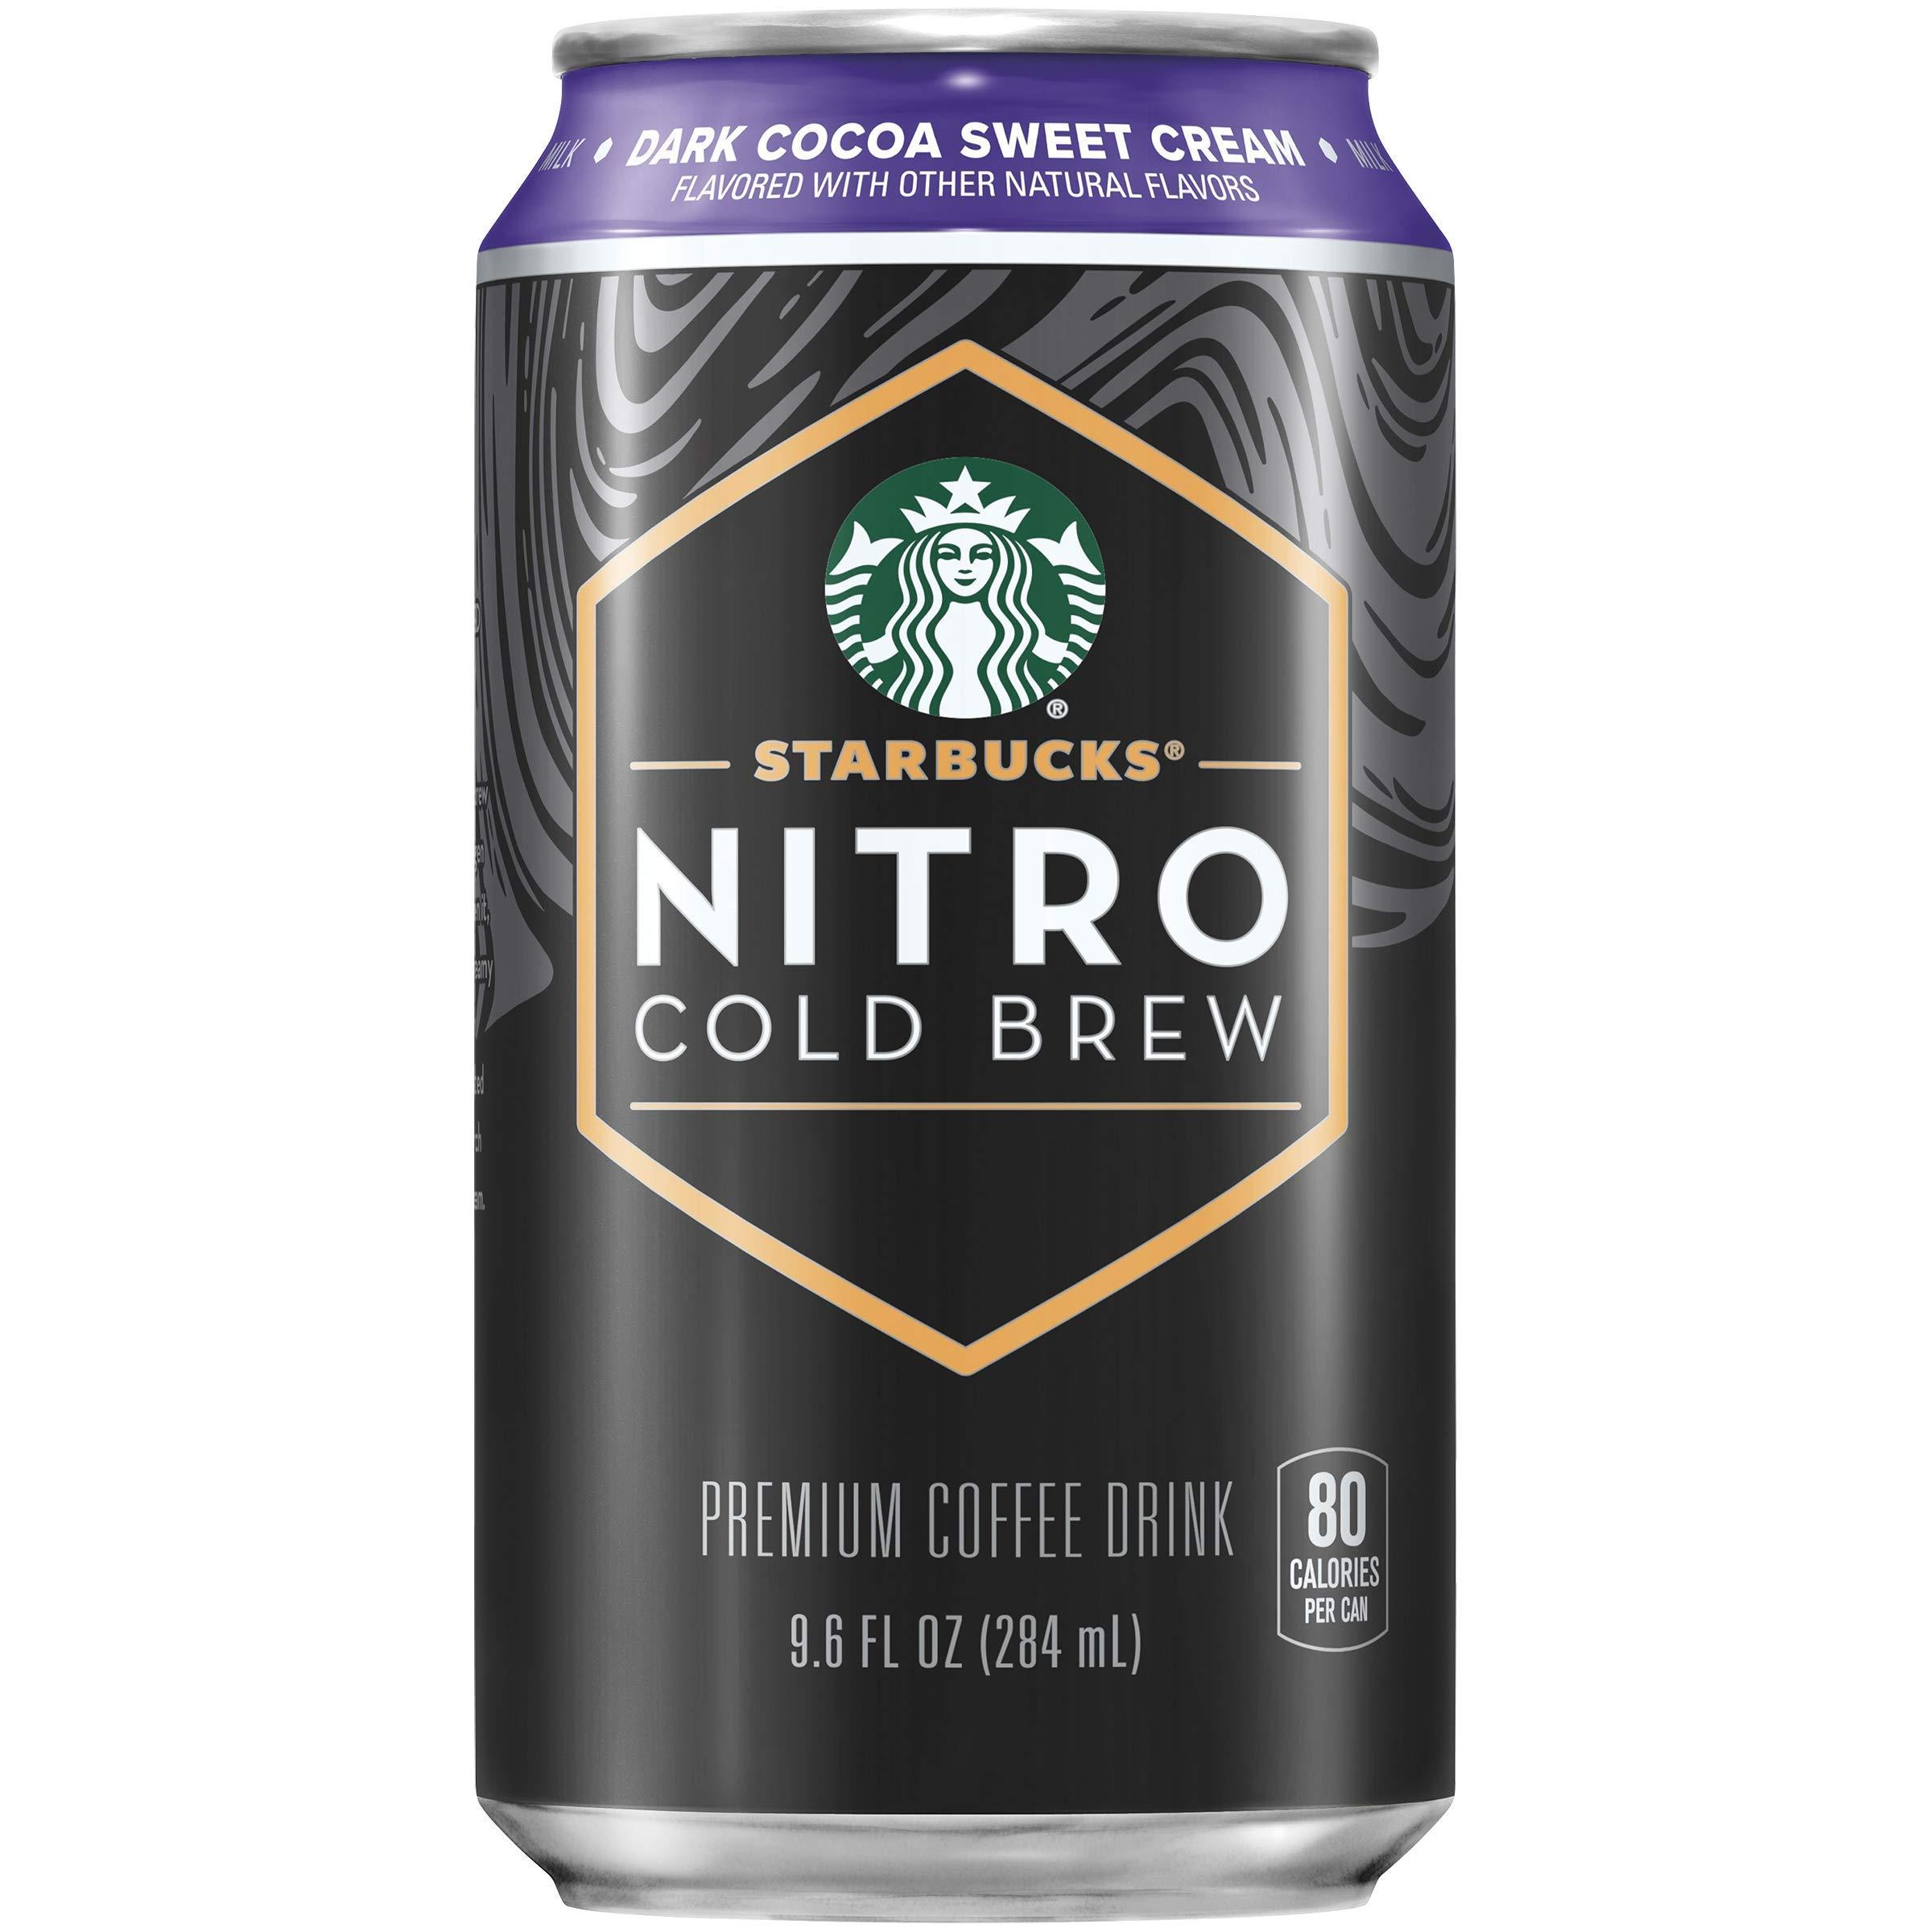 Starbucks Nitro Cold Brew, Dark Cocoa Sweet Cream, 9.6 fl oz Cans (8 Pack)